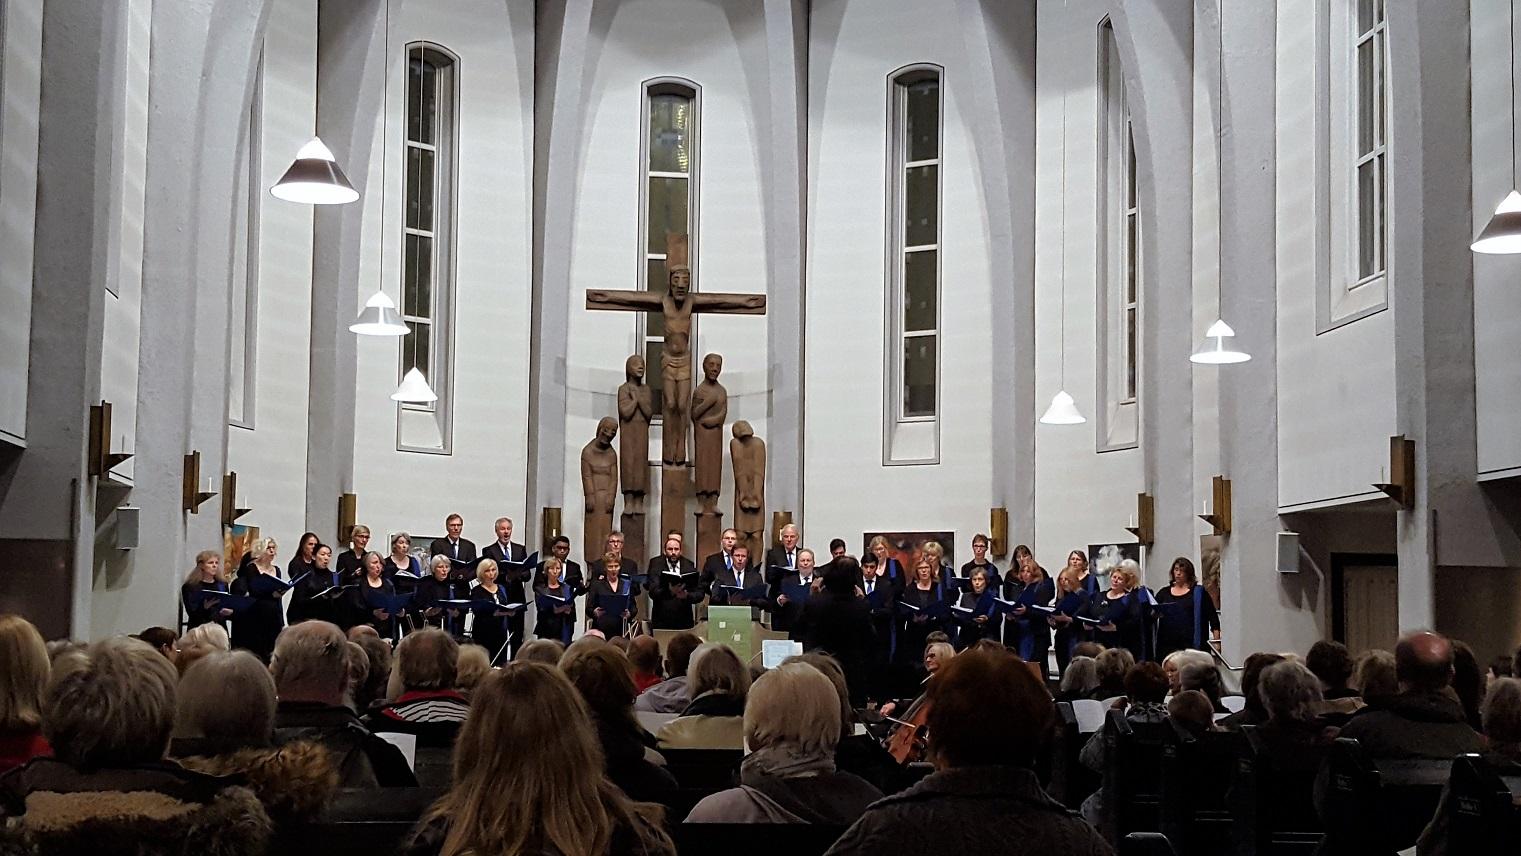 Johannes Brahms Chor Hamburg